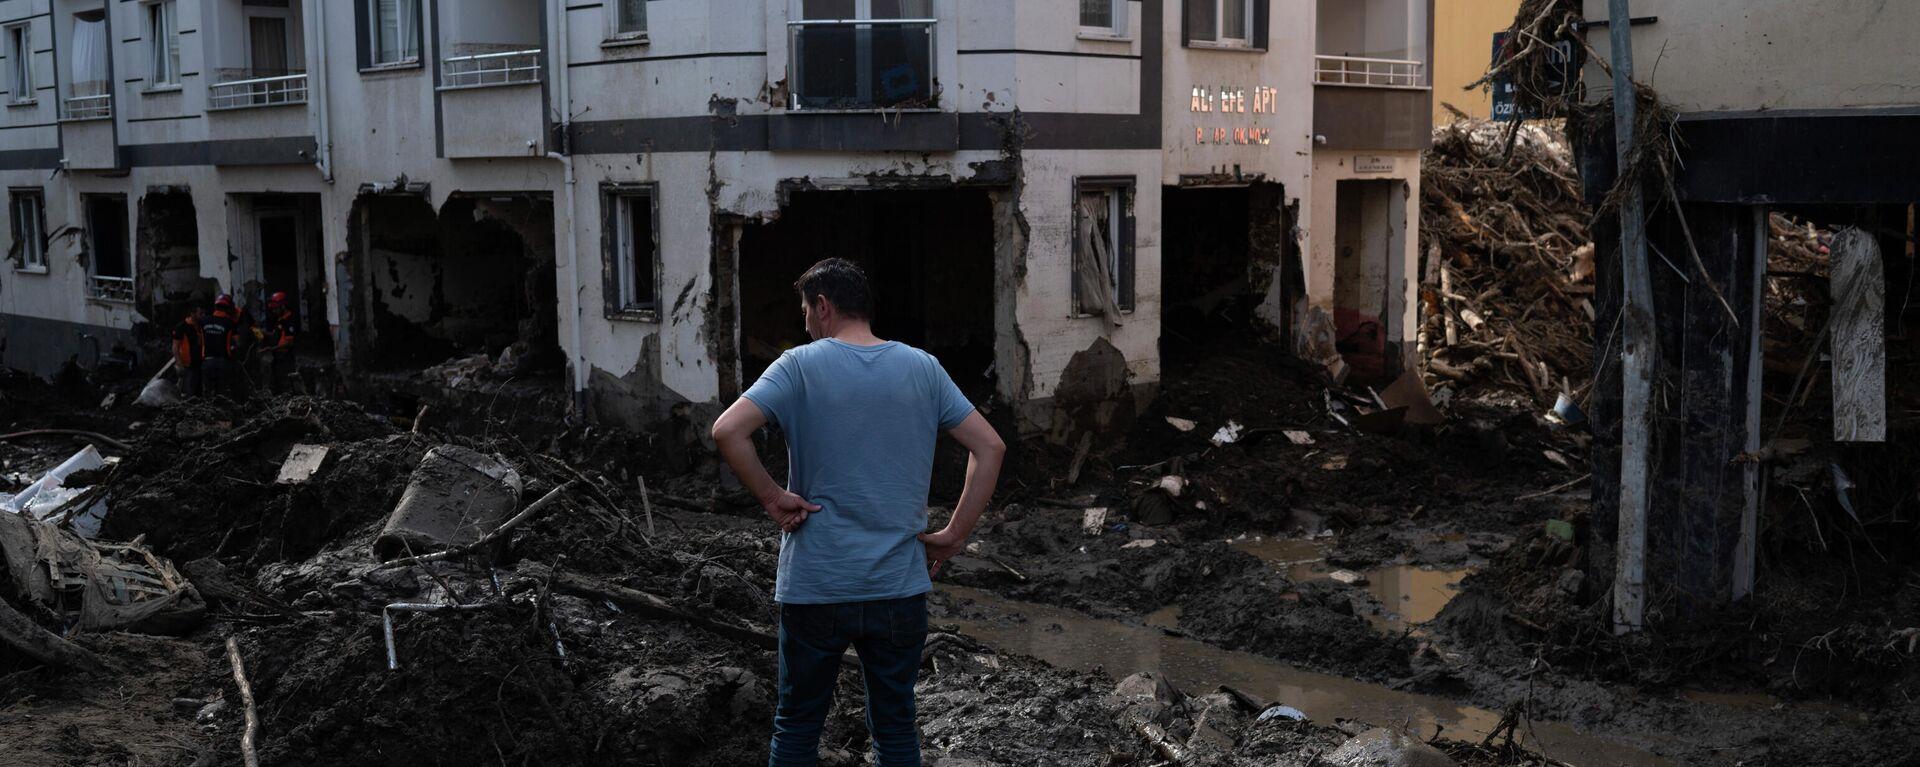 Наводнения на севере Турции - Sputnik Ўзбекистон, 1920, 16.08.2021